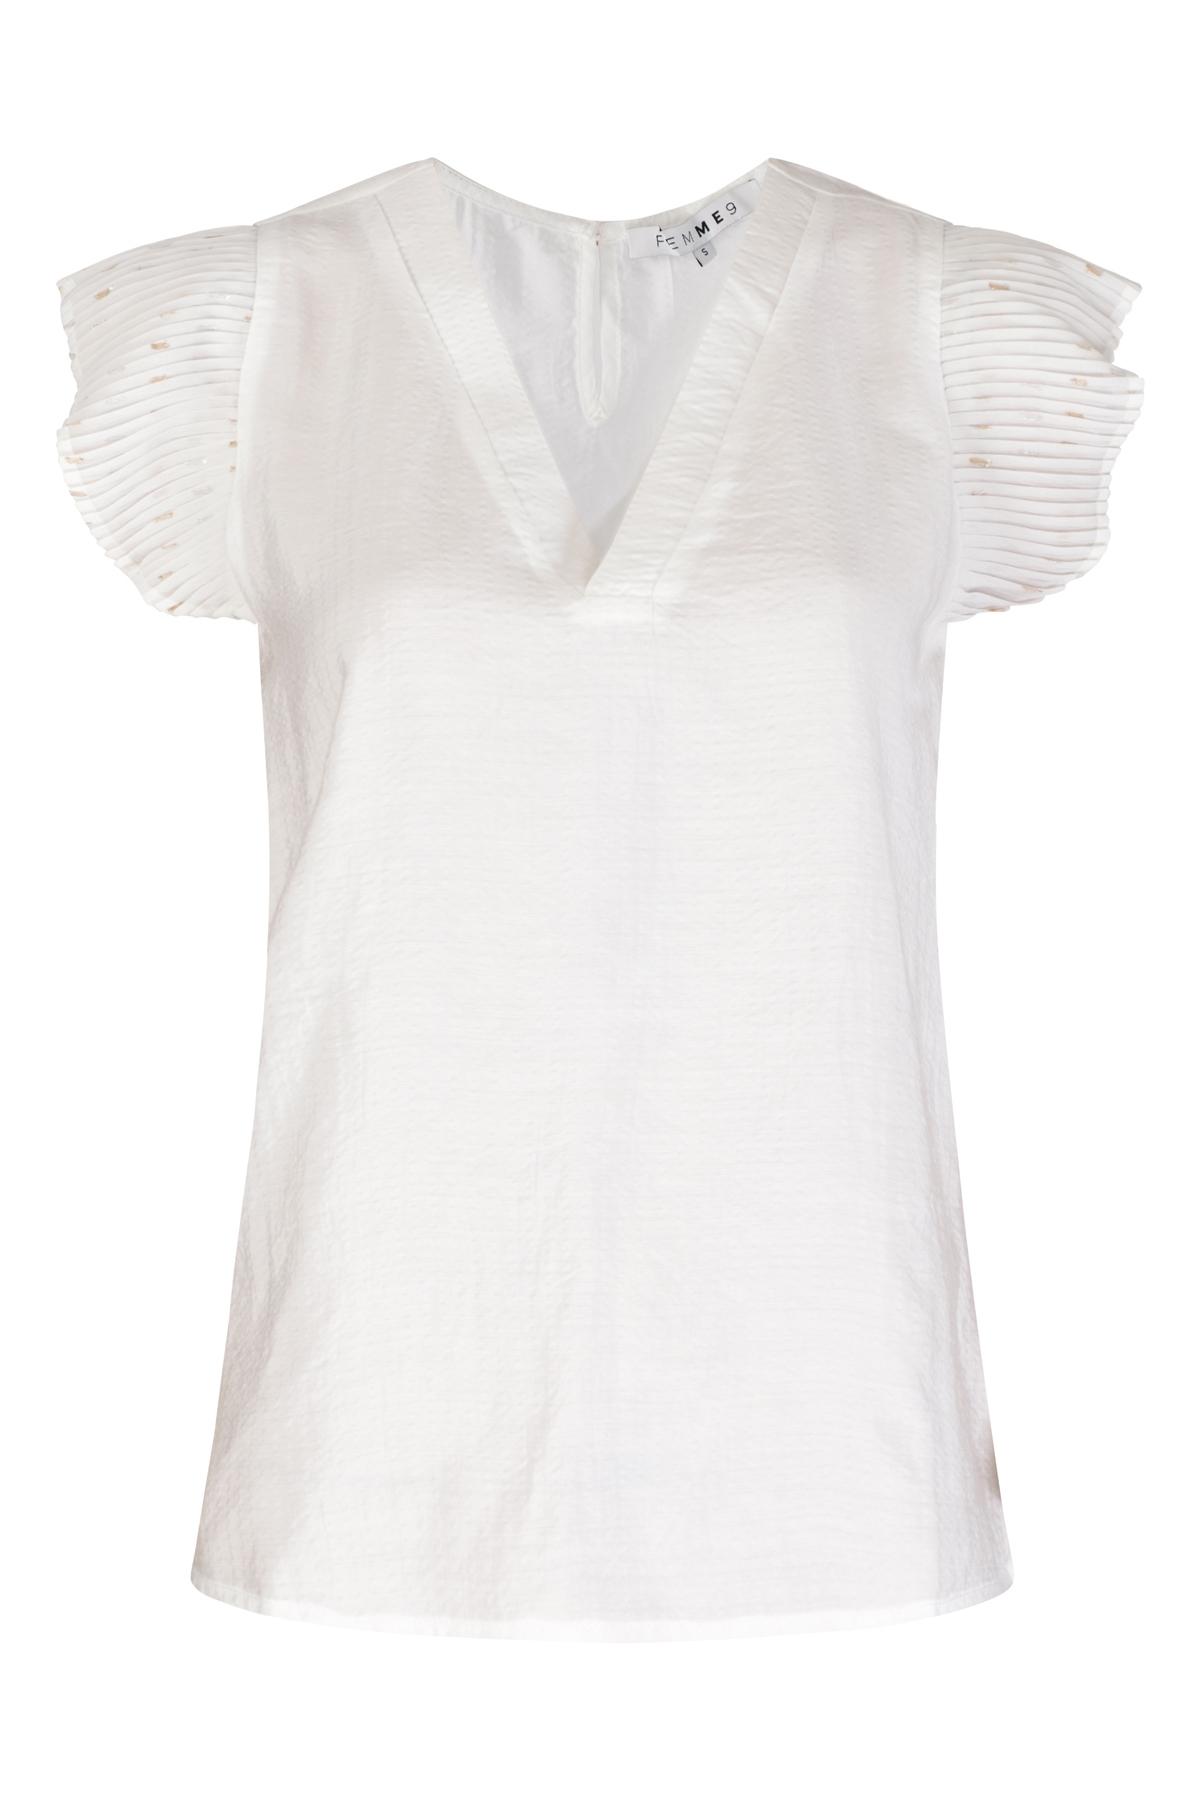 Femme9 Shirt - Top Wit Sayen